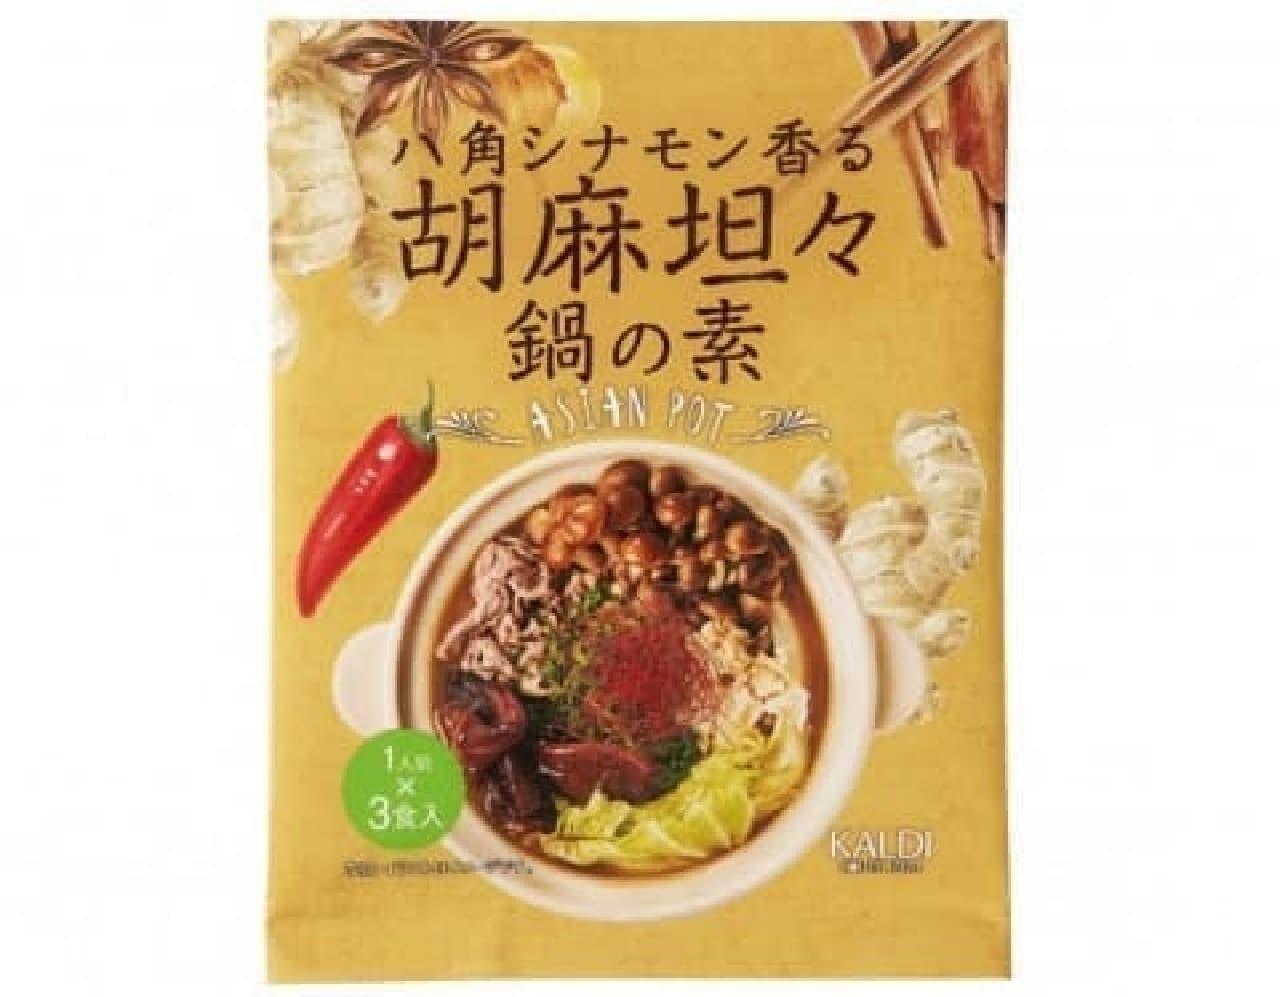 カルディコーヒーファーム「オリジナル 八角シナモン香る胡麻坦々鍋の素」